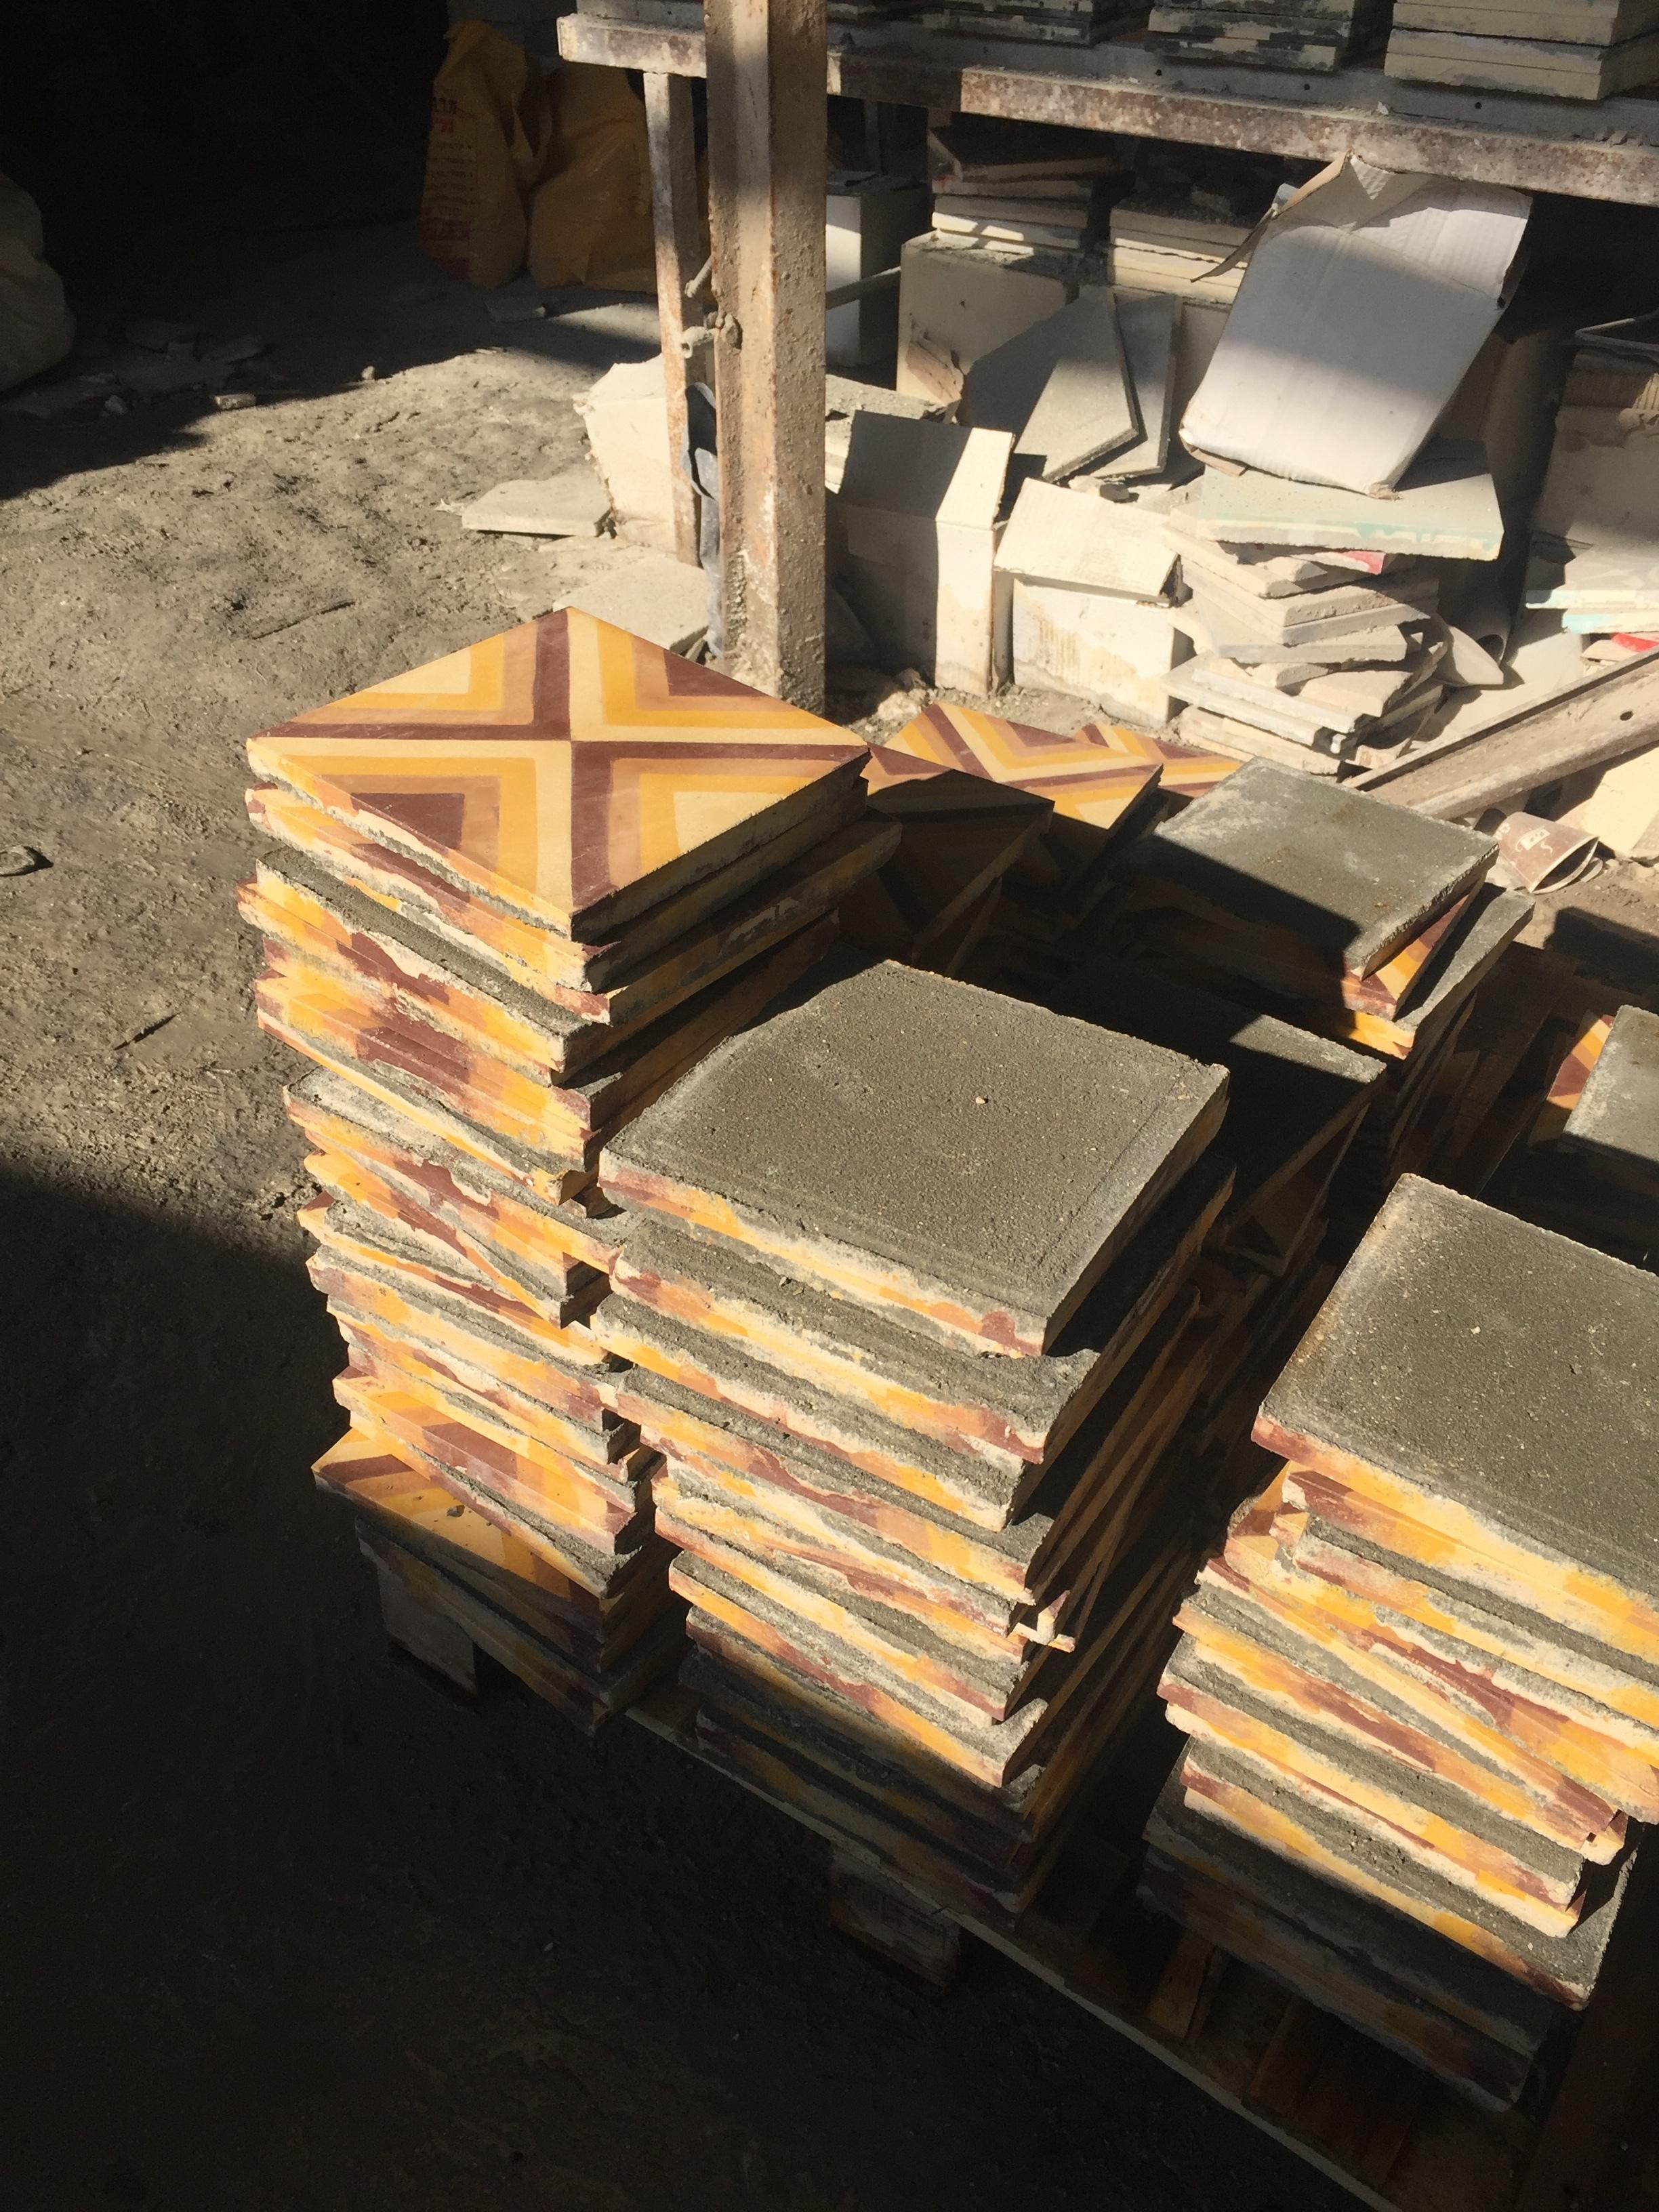 Try Wonder Erasmus Exchange Israel - Nablus in 10 Images 7 - traditional encaustic tile factory